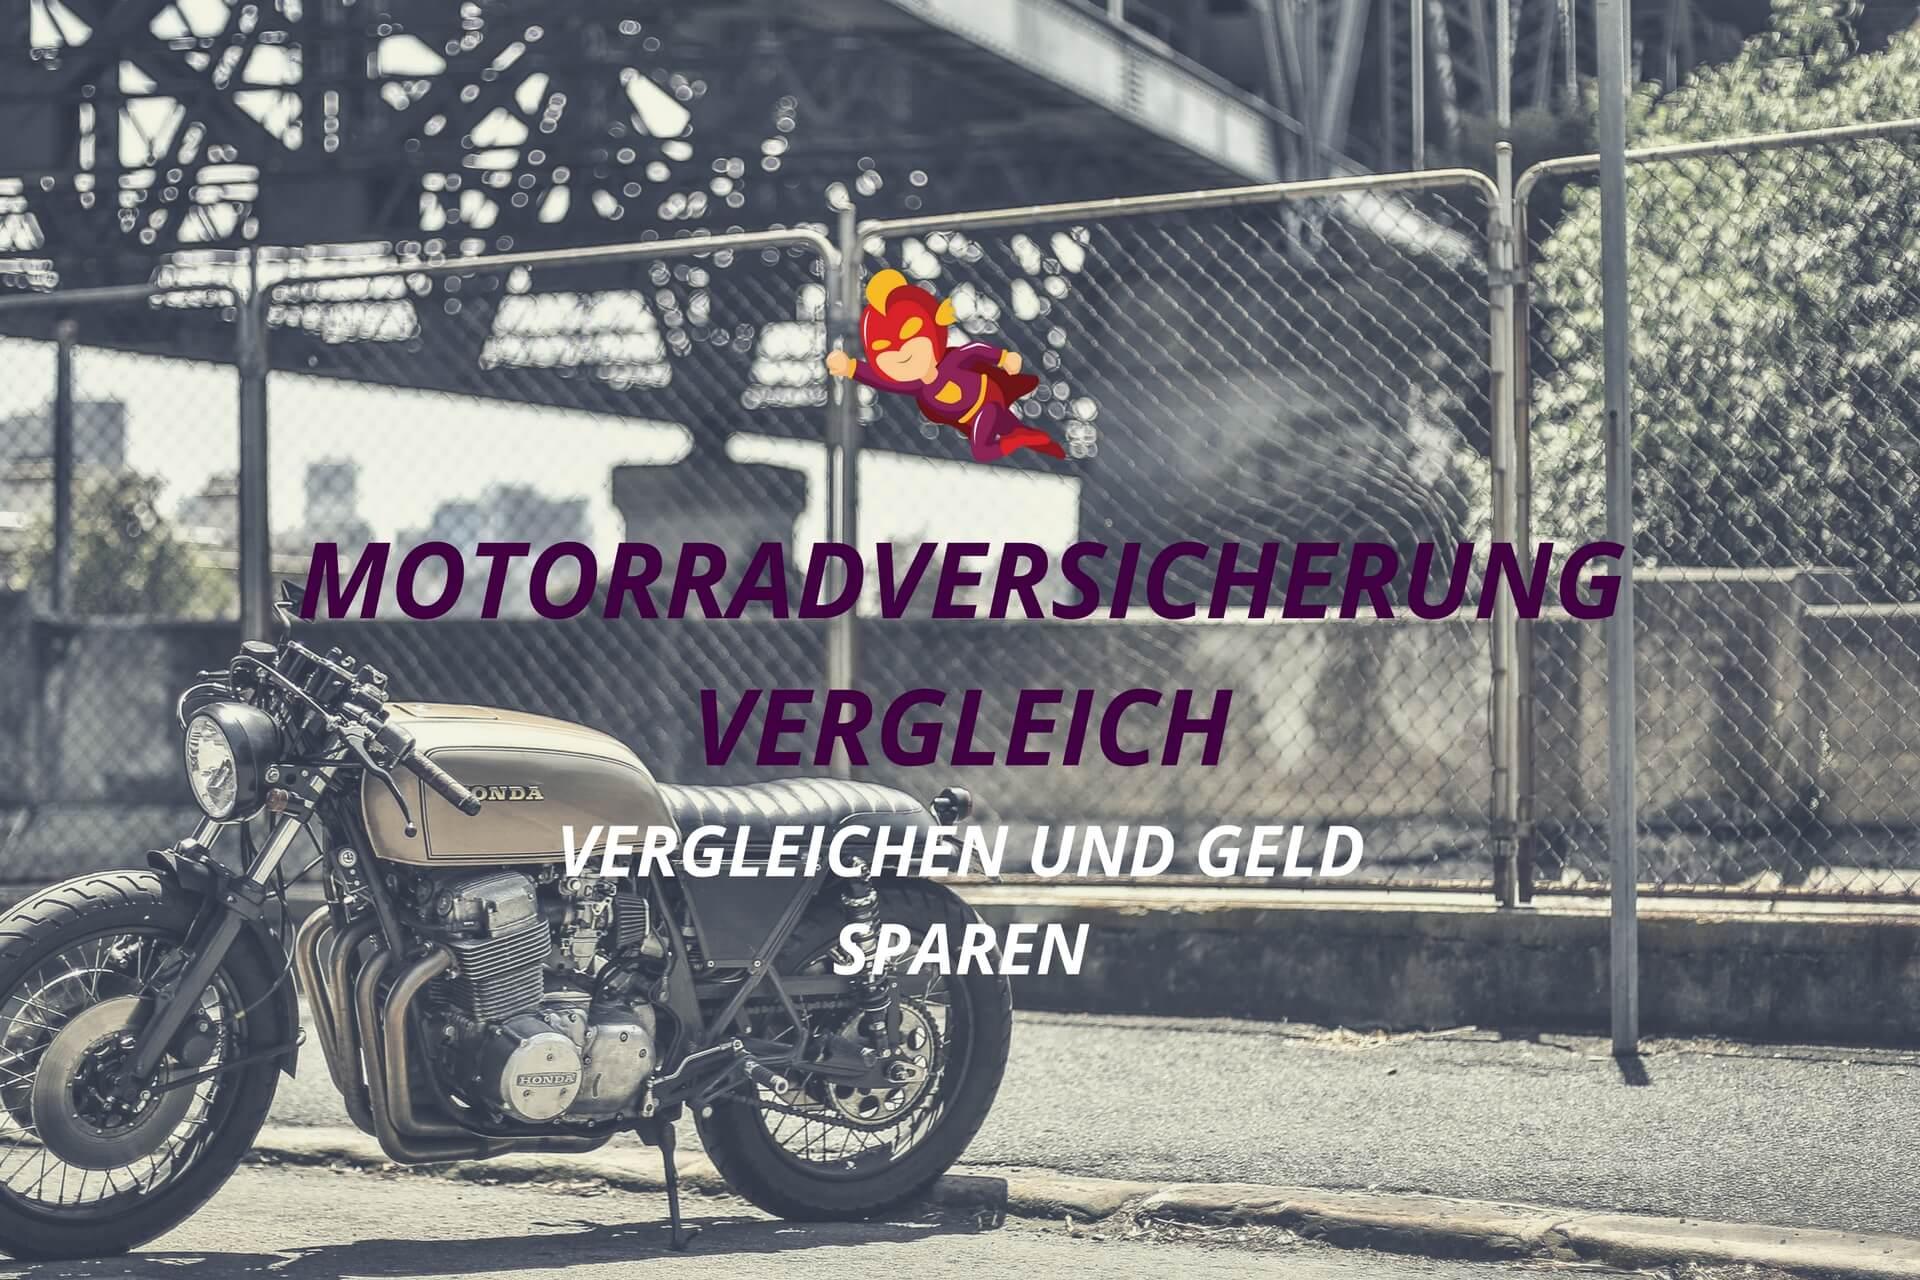 Motorradversicherung Vergleich - Finanzhelden.org